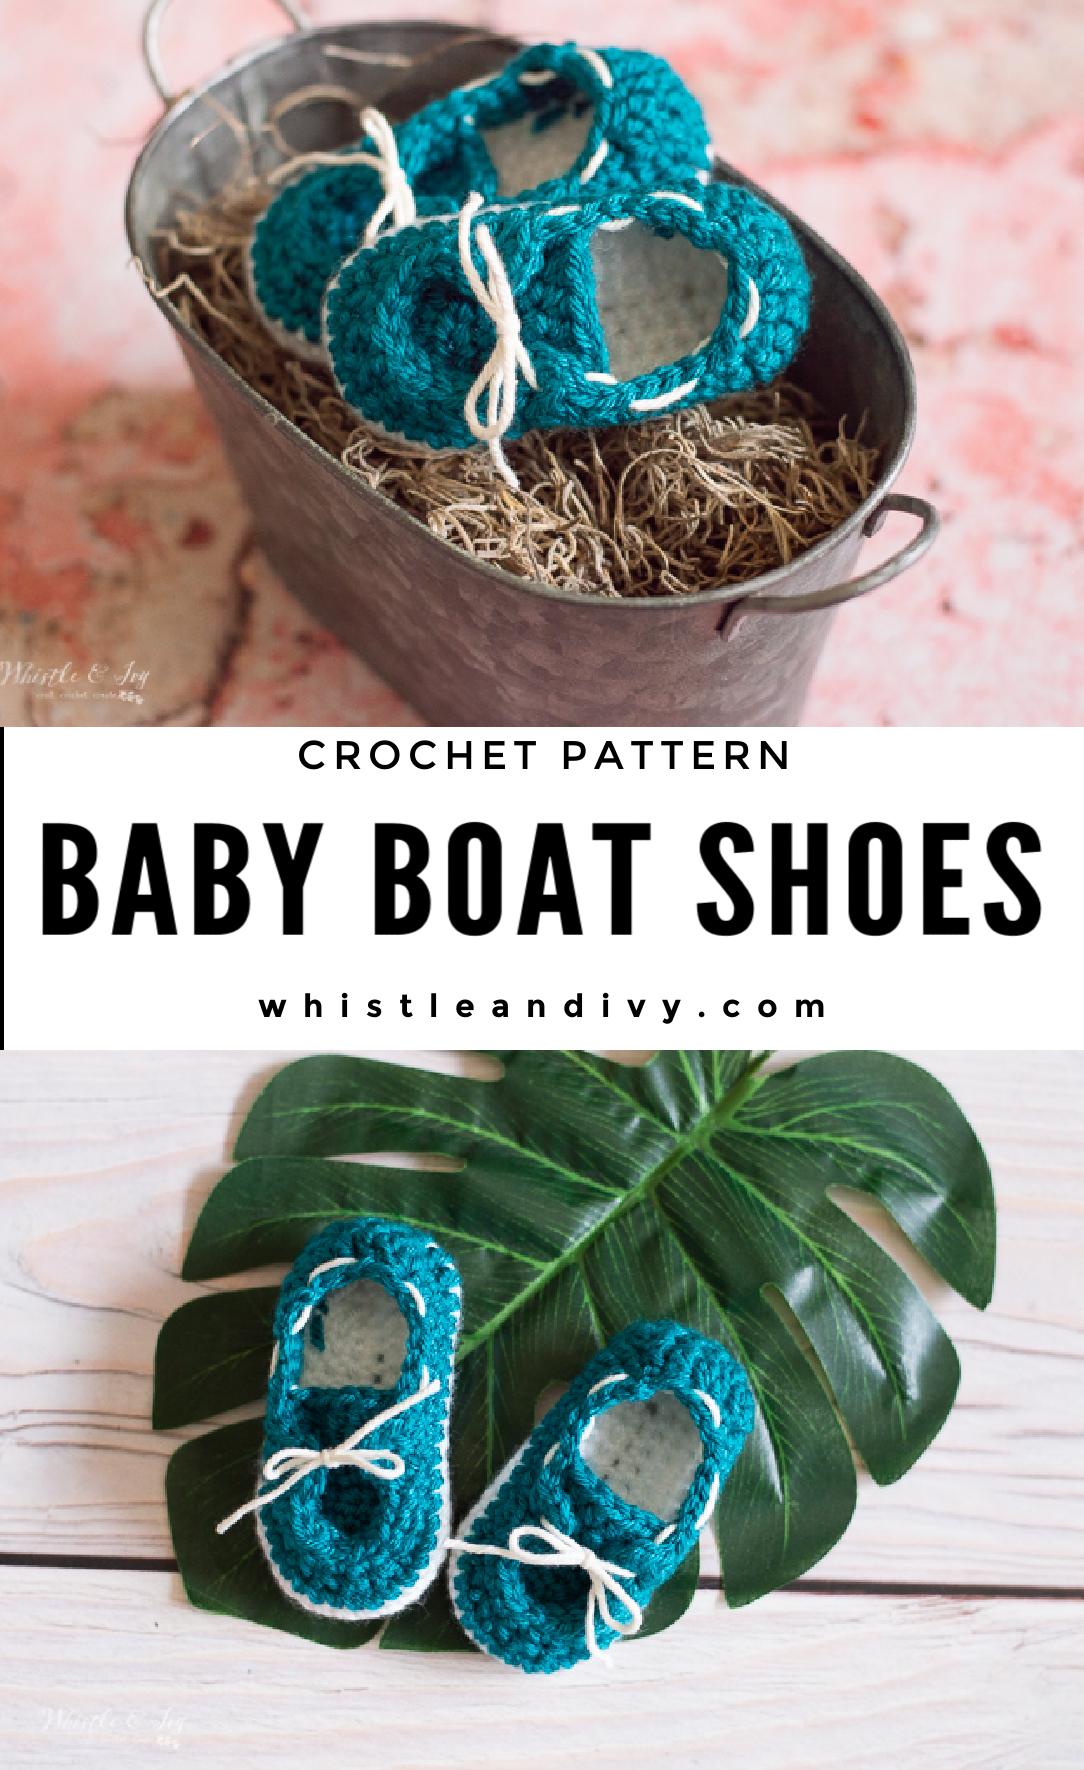 modern crochet baby pattern crochet baby shoes crochet baby booties crochet baby boat booties